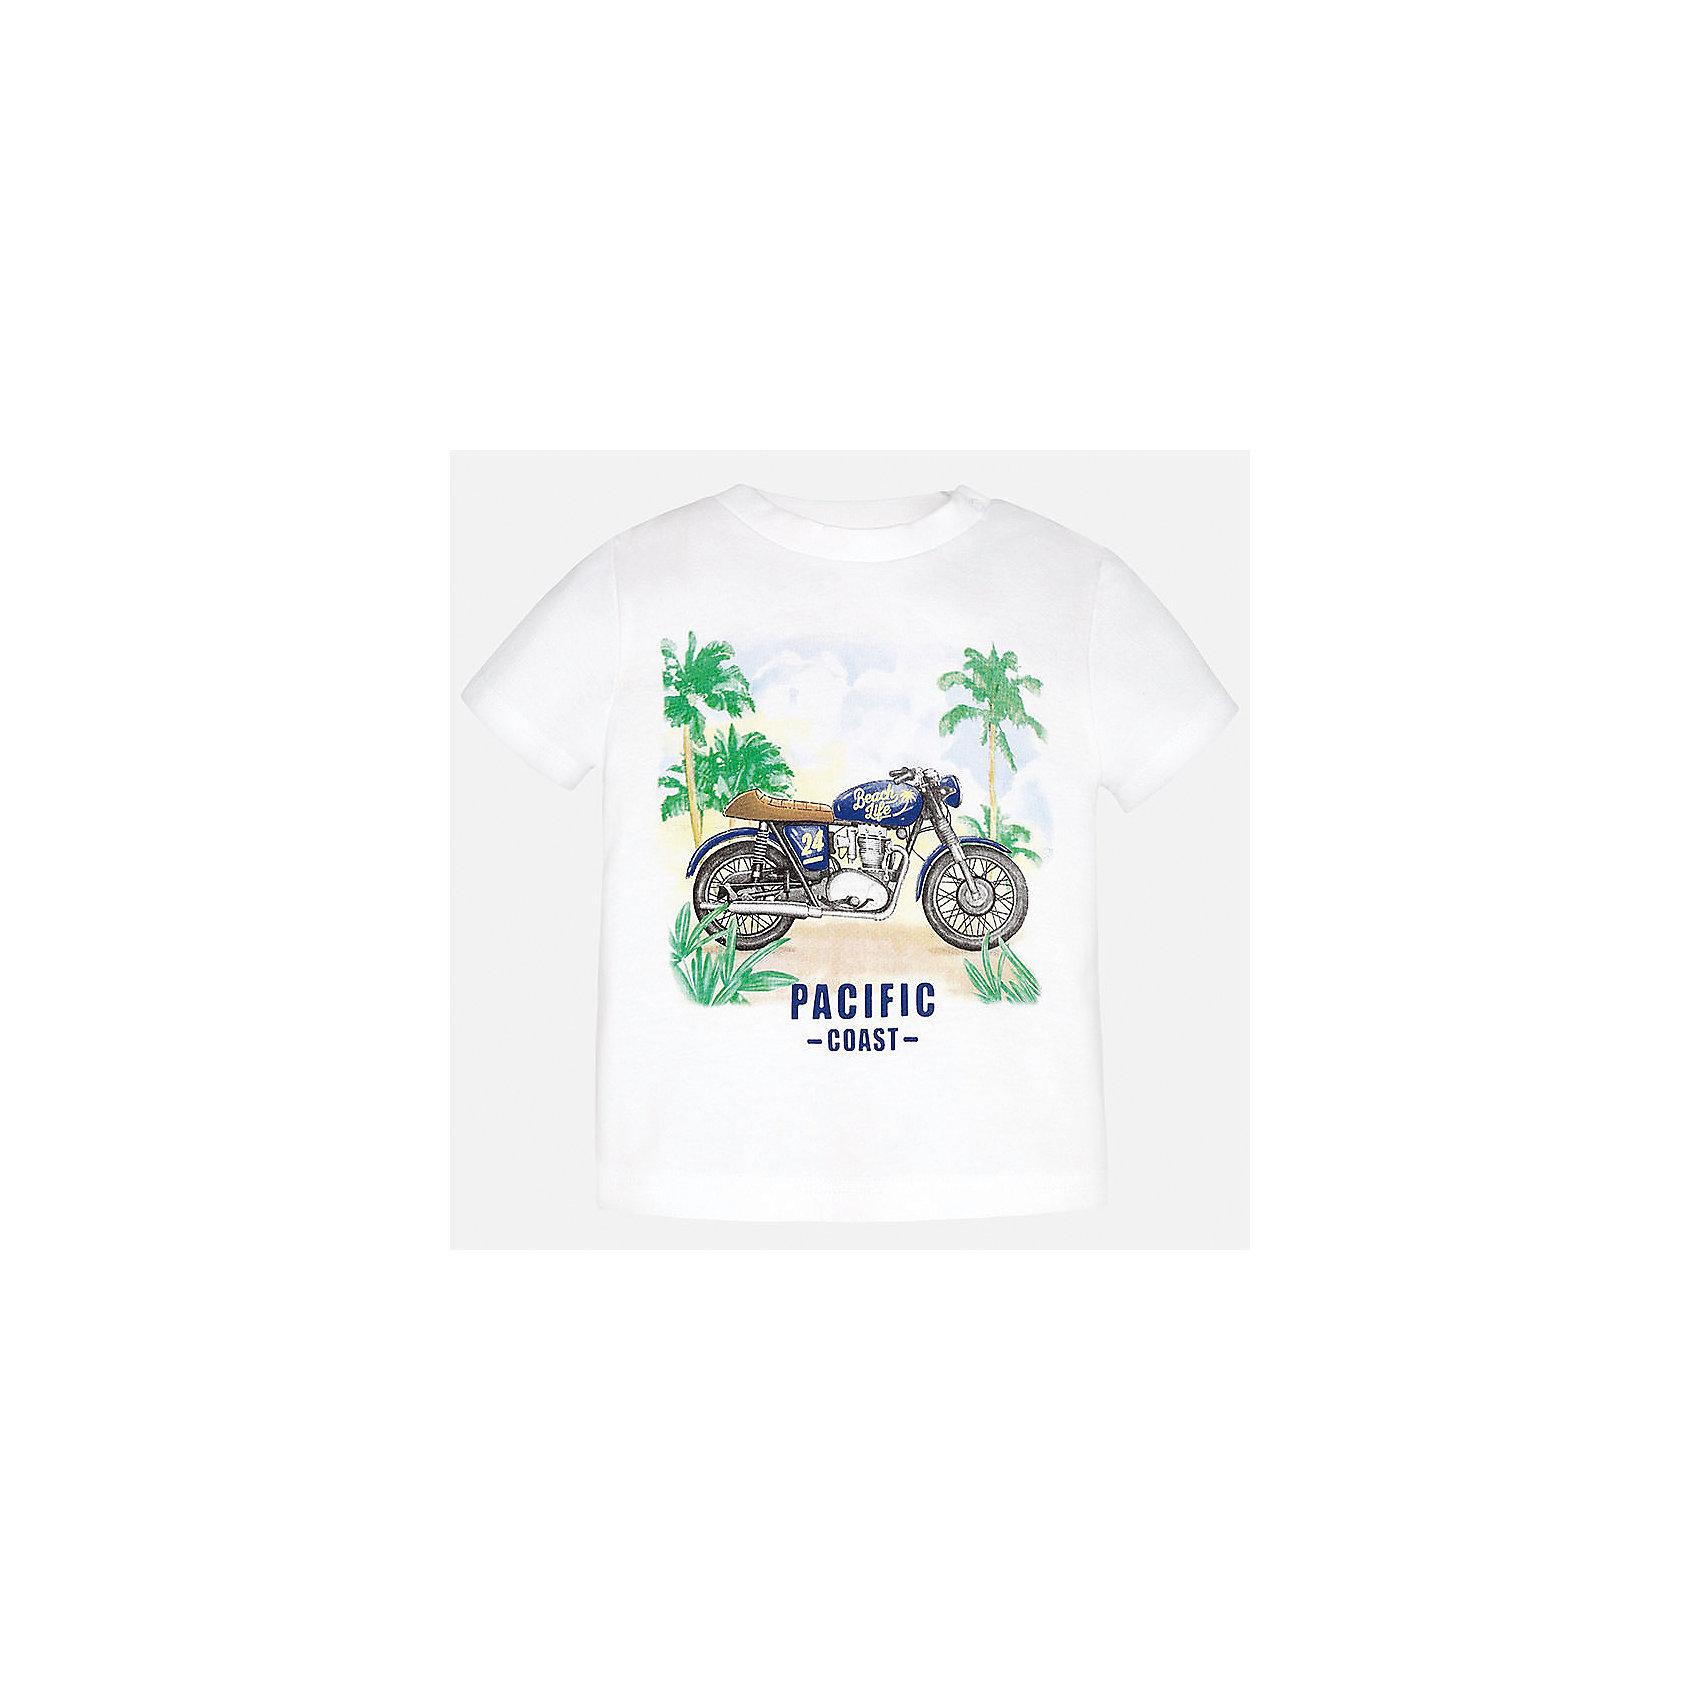 Футболка для мальчика MayoralФутболки, топы<br>Характеристики товара:<br><br>• цвет: белый<br>• состав: 100% хлопок<br>• круглый горловой вырез<br>• декорирована принтом<br>• короткие рукава<br>• мягкая отделка горловины<br>• страна бренда: Испания<br><br>Красивая хлопковая футболка с принтом поможет разнообразить гардероб мальчика. Она отлично сочетается с брюками, шортами, джинсами. Универсальный крой и цвет позволяет подобрать к вещи низ разных расцветок. Практичное и стильное изделие! Хорошо смотрится и комфортно сидит на детях. В составе материала - только натуральный хлопок, гипоаллергенный, приятный на ощупь, дышащий. <br><br>Одежда, обувь и аксессуары от испанского бренда Mayoral полюбились детям и взрослым по всему миру. Модели этой марки - стильные и удобные. Для их производства используются только безопасные, качественные материалы и фурнитура. Порадуйте ребенка модными и красивыми вещами от Mayoral! <br><br>Футболку для мальчика от испанского бренда Mayoral (Майорал) можно купить в нашем интернет-магазине.<br><br>Ширина мм: 199<br>Глубина мм: 10<br>Высота мм: 161<br>Вес г: 151<br>Цвет: белый<br>Возраст от месяцев: 12<br>Возраст до месяцев: 15<br>Пол: Мужской<br>Возраст: Детский<br>Размер: 80,92,86<br>SKU: 5278501